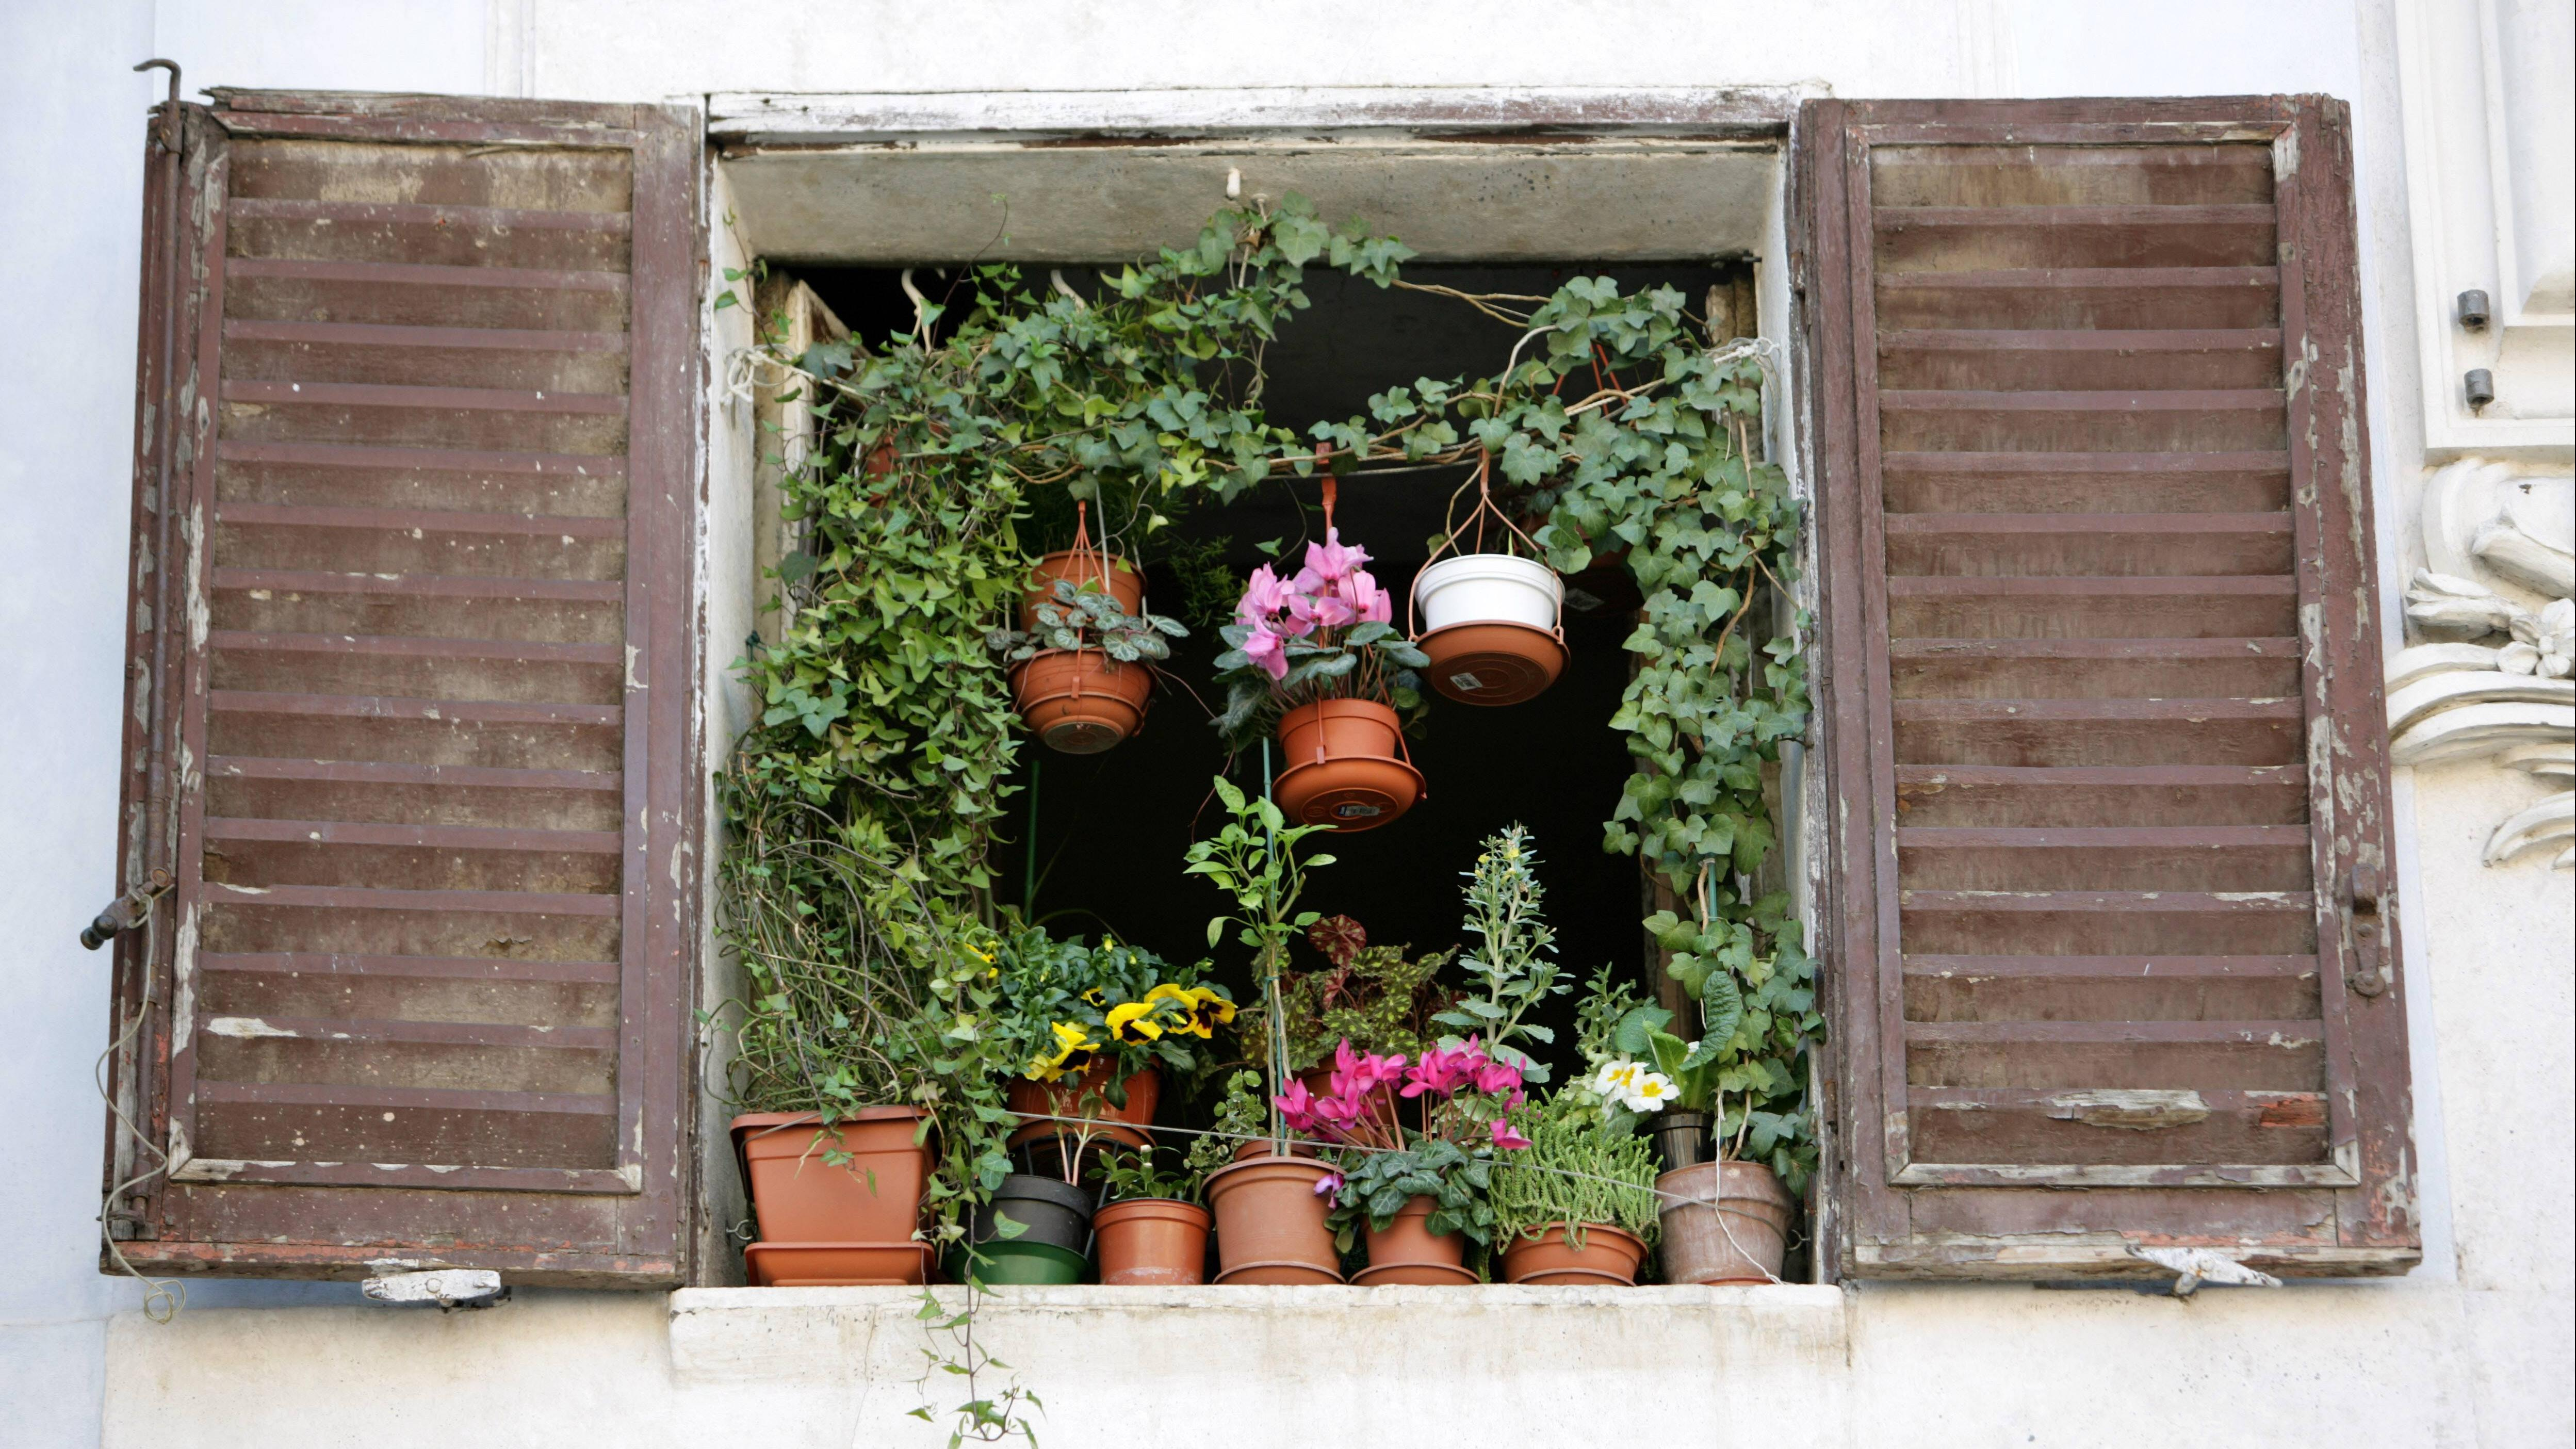 Fenster abdichten - die besten Tipps